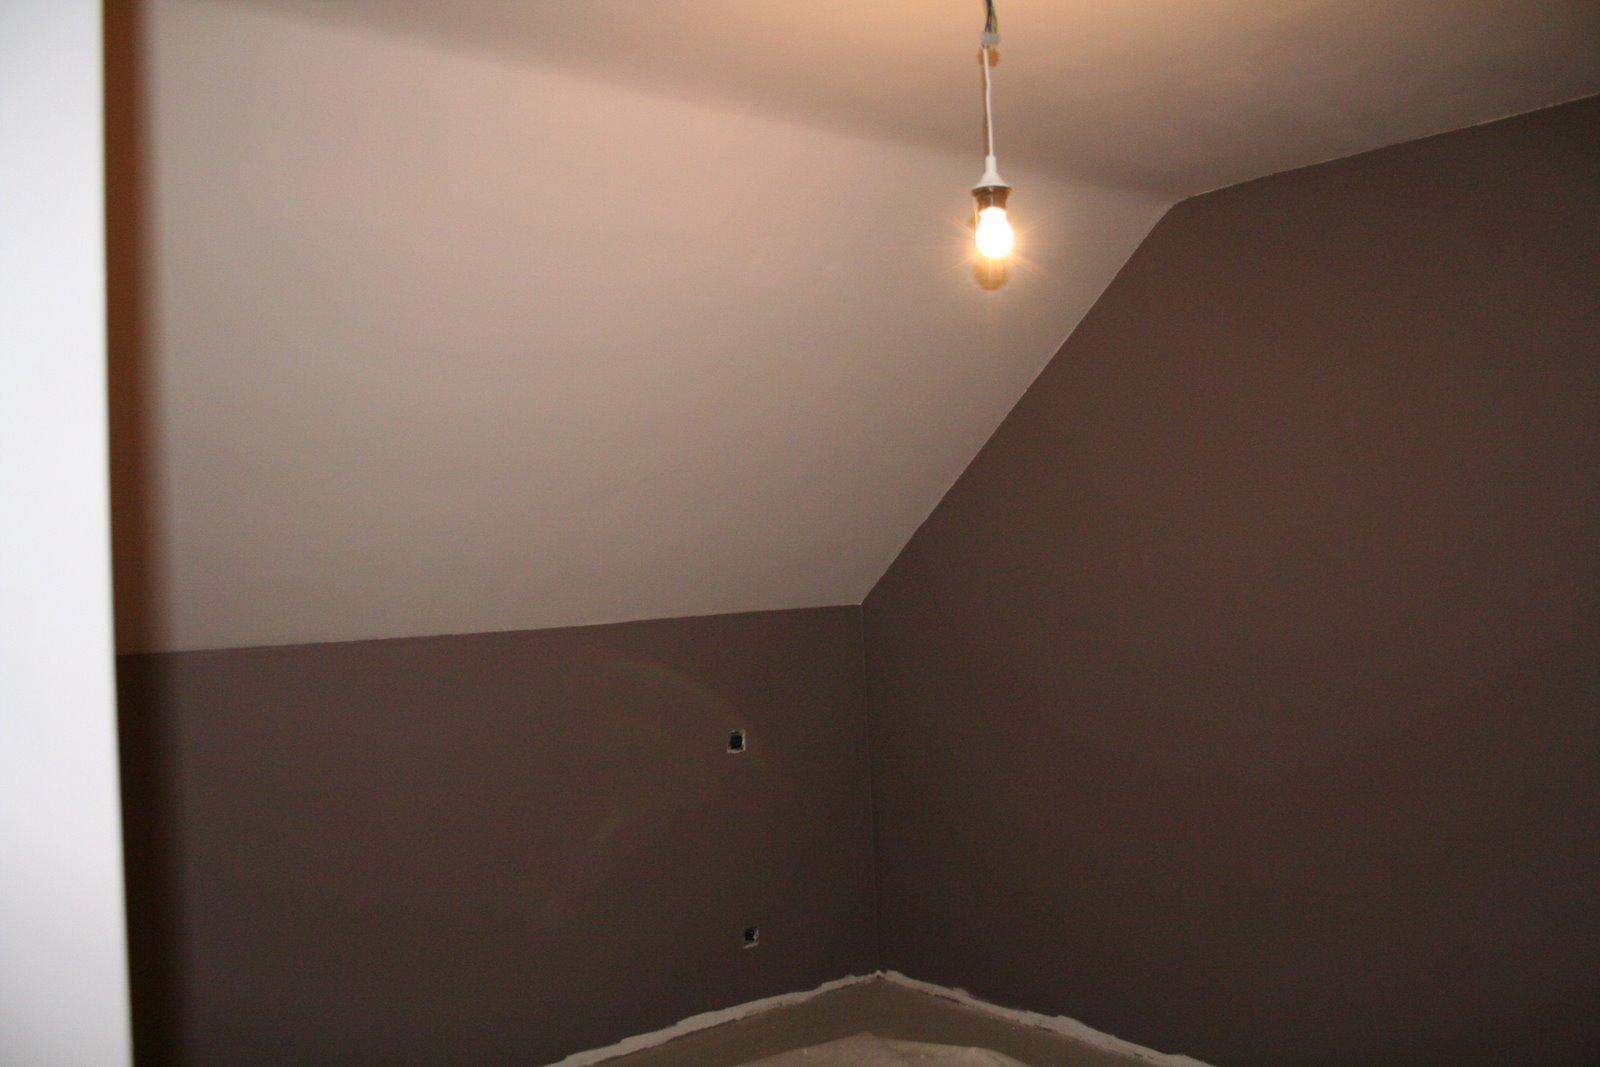 Quelles couleurs pour les murs de ma pièce à vivre? 090114113945506172997714